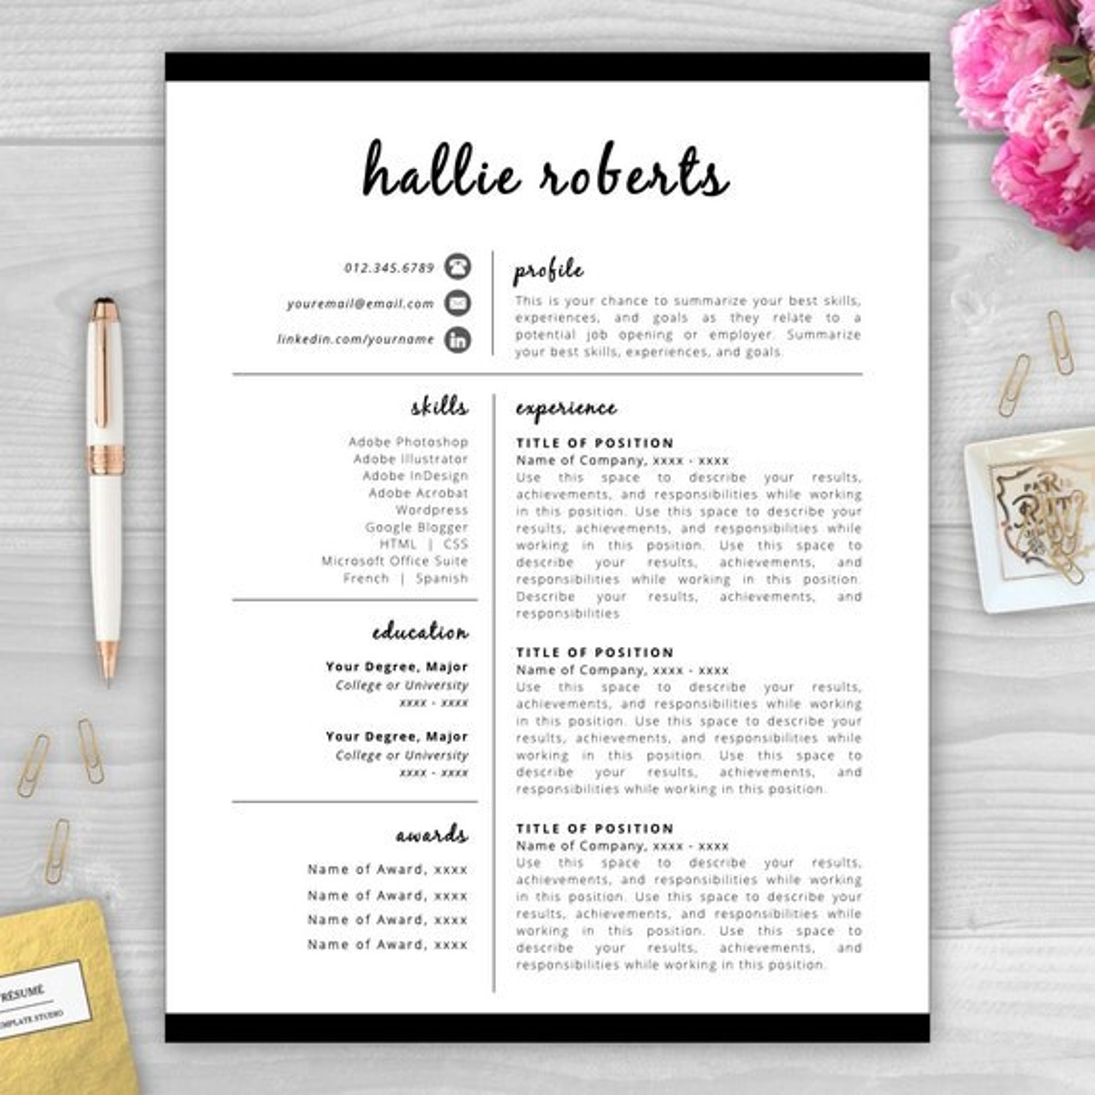 resume cover letter modern resume professional resume free resume